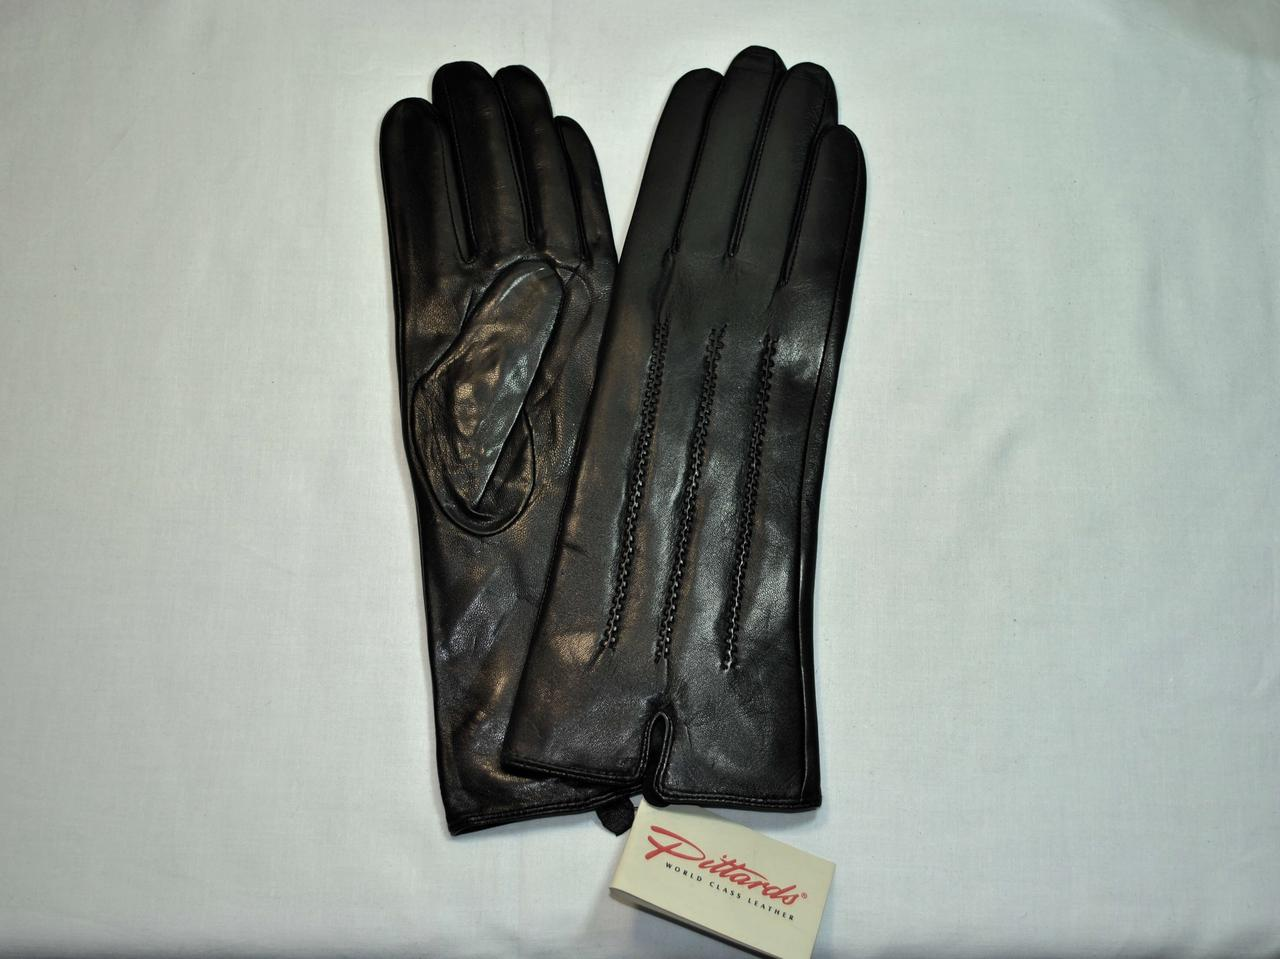 Перчатки Pittards 509 женские кожаные удлиненные